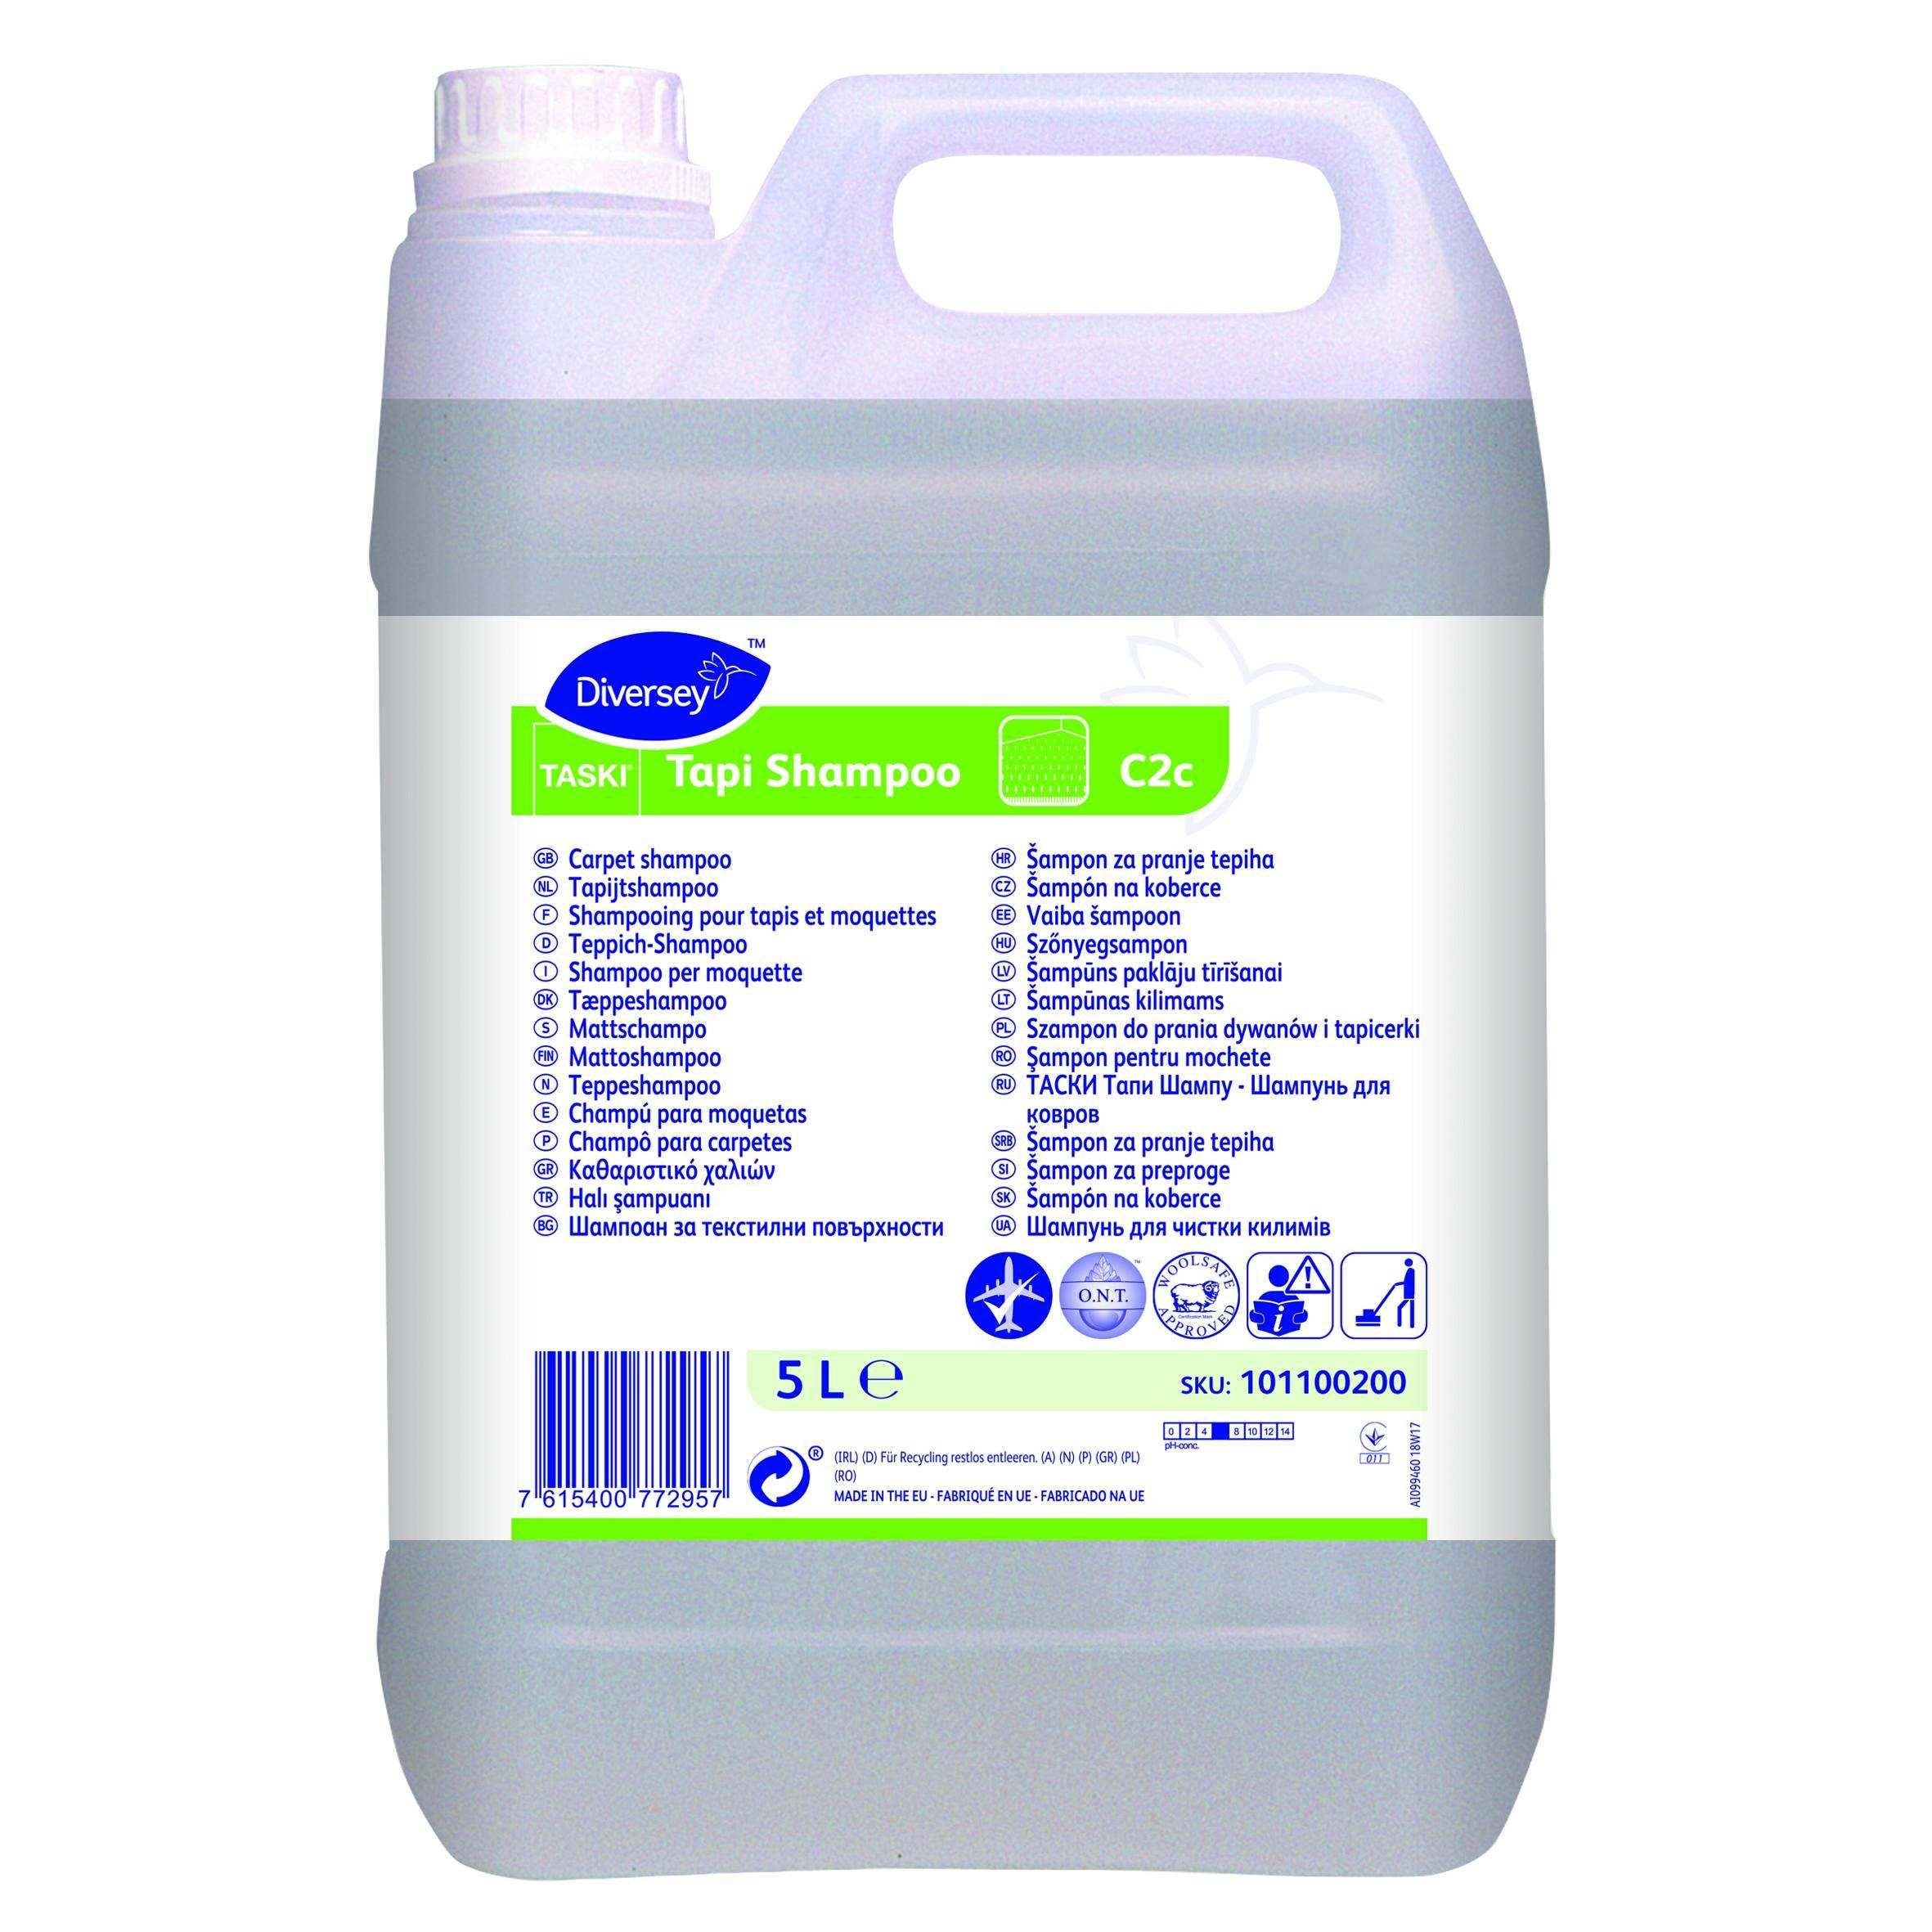 101100200-TASKI-Tapi-Shampoo-C2c-5L-CMYK-20x20cm.jpg